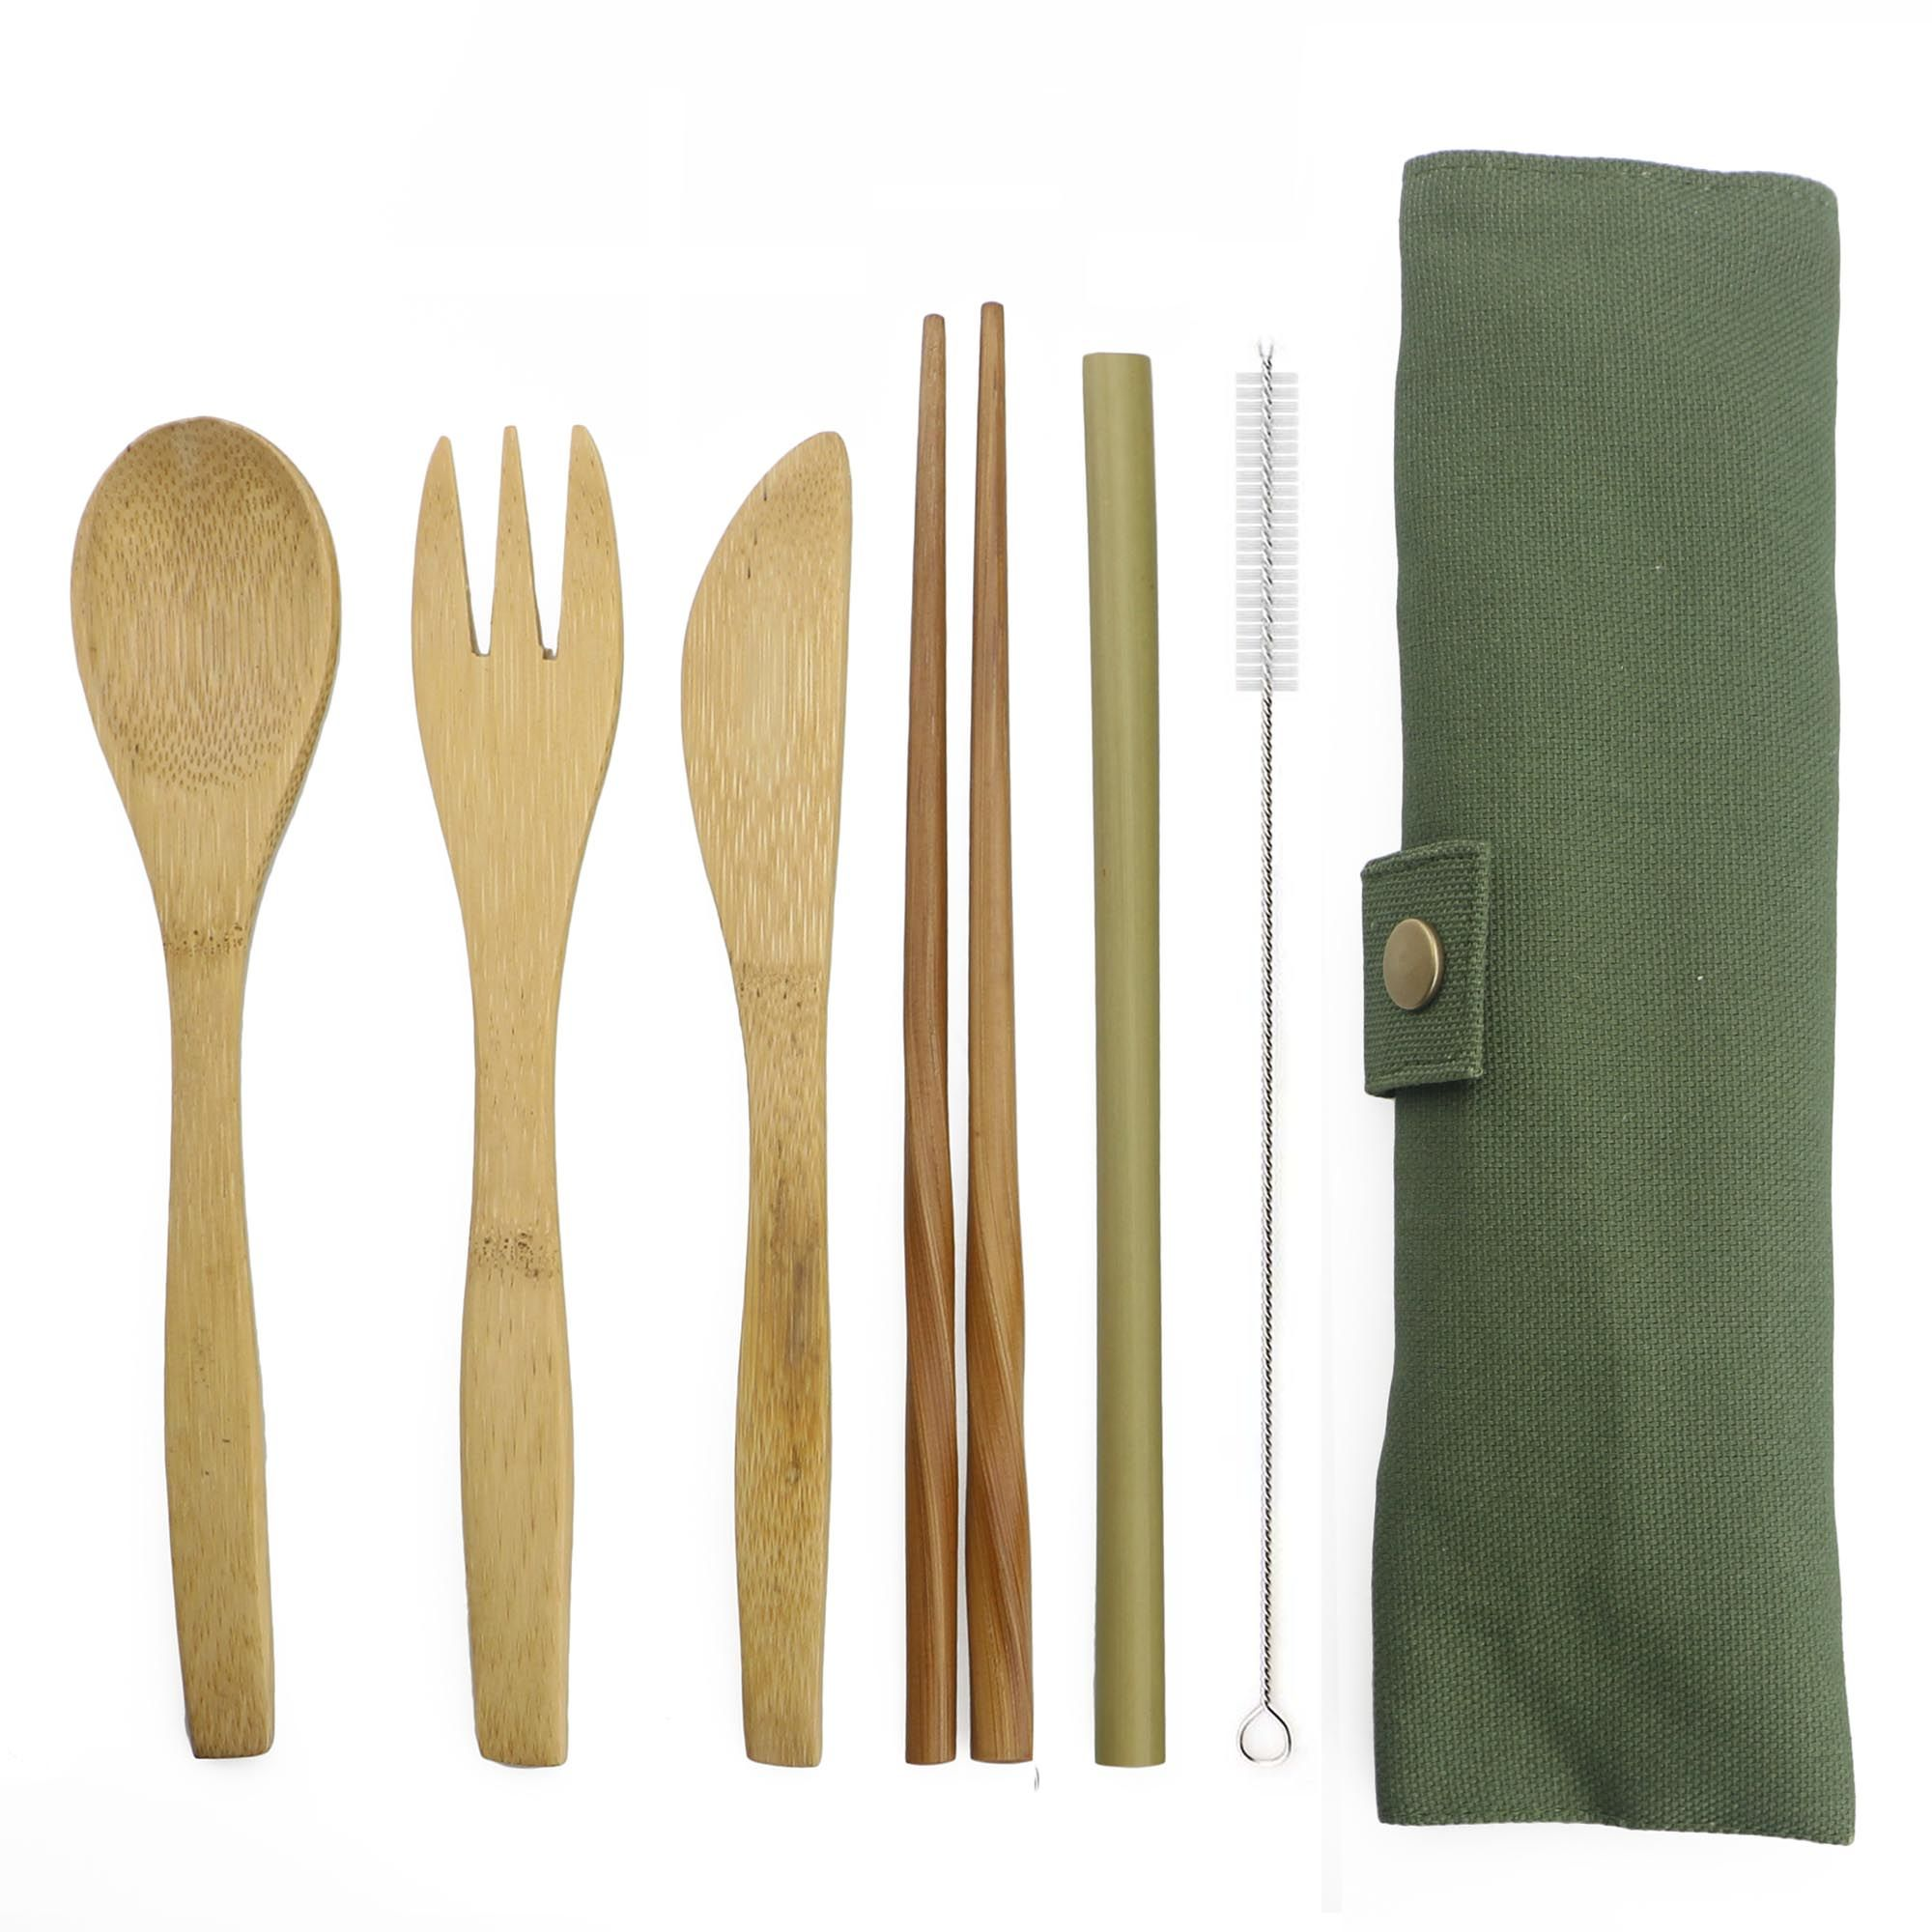 6-pièce Portable De Luxe Vaisselle Japonais En Bois Couverts Ensemble Bambou Couverts De Paille Avec Sac En Tissu Cuisine Alimentaire Vaisselle Dîner